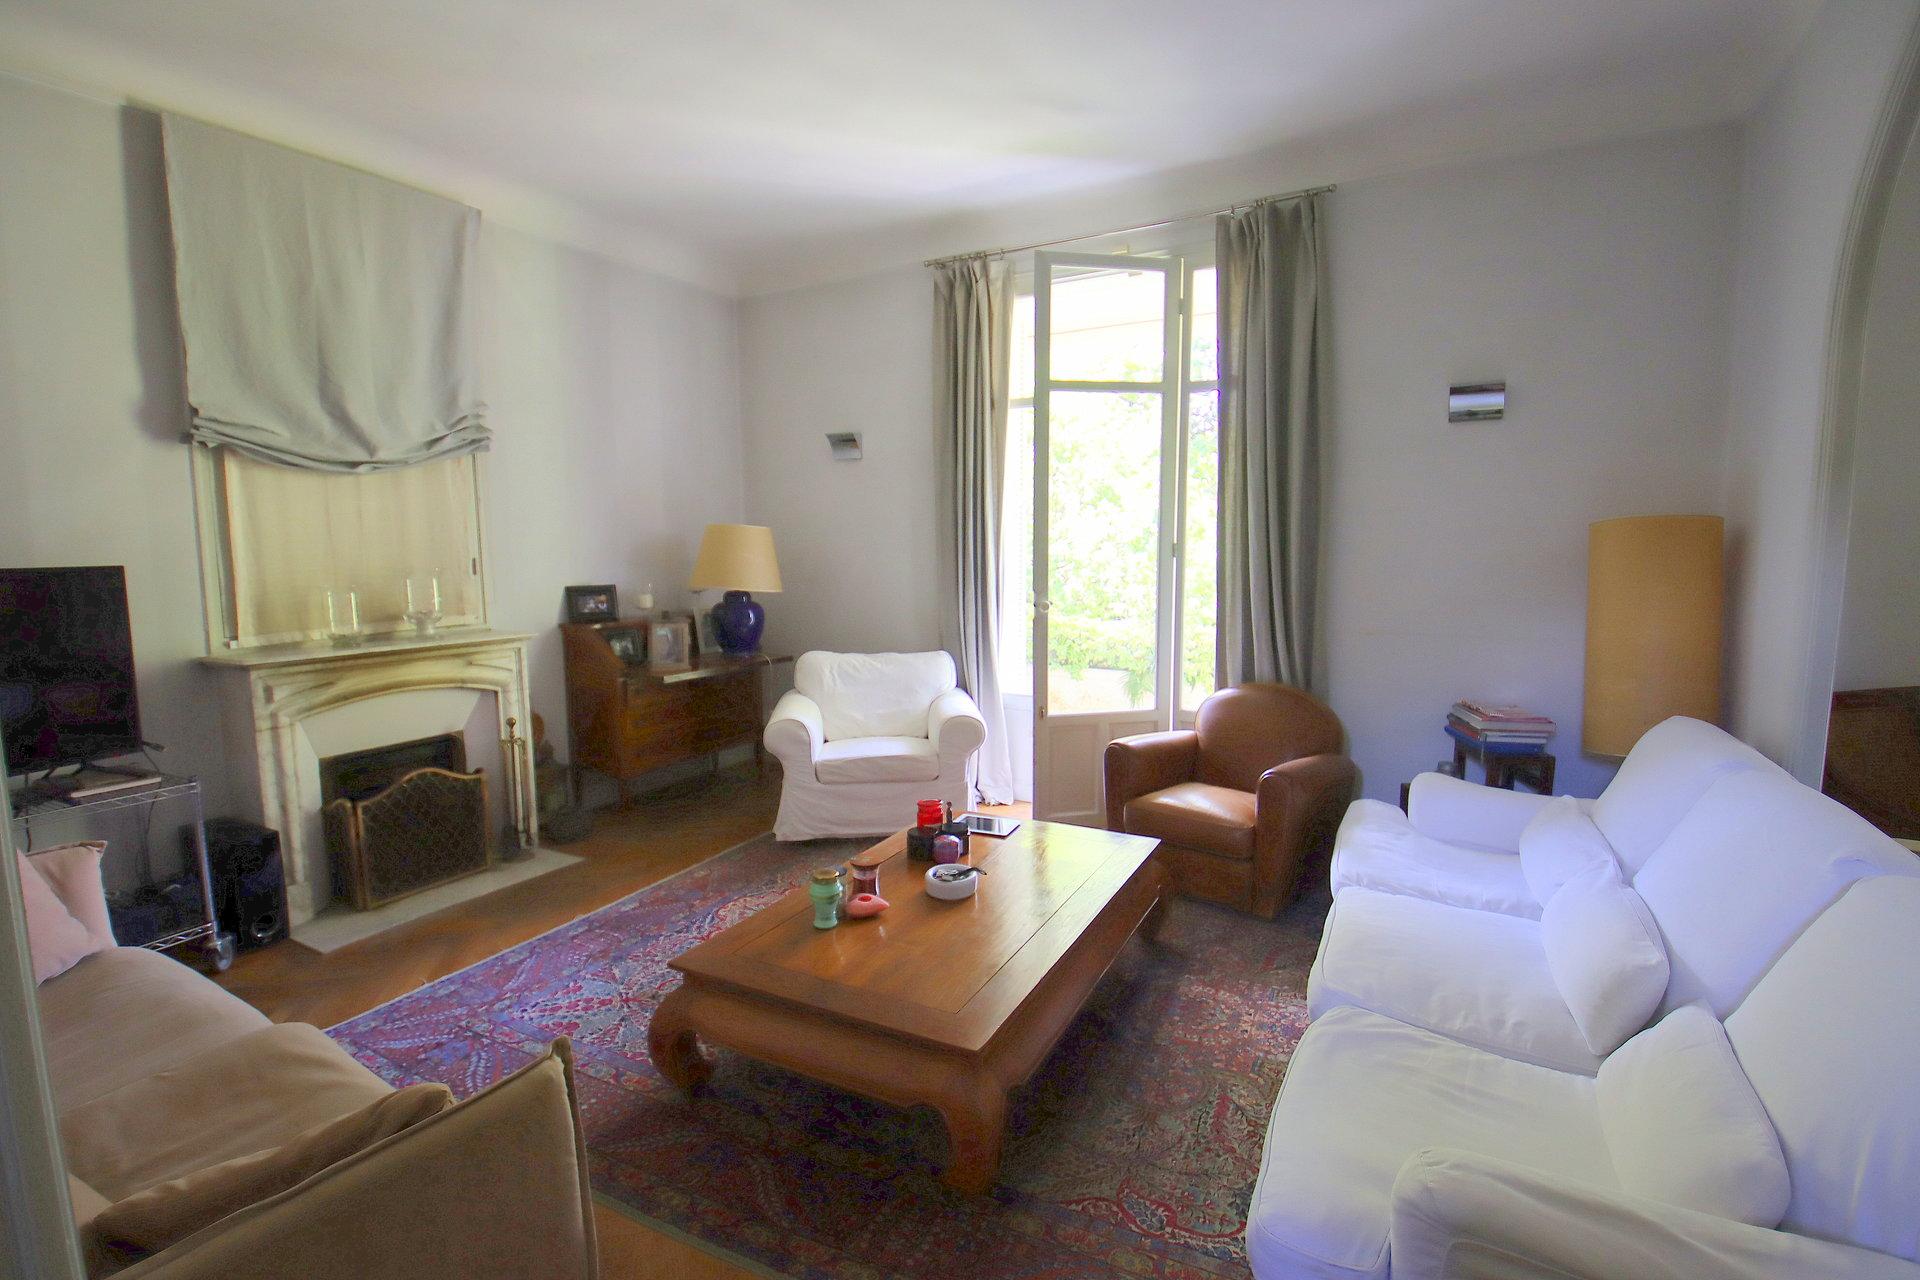 Beaulieur sur mer villa Belle Epoque salon